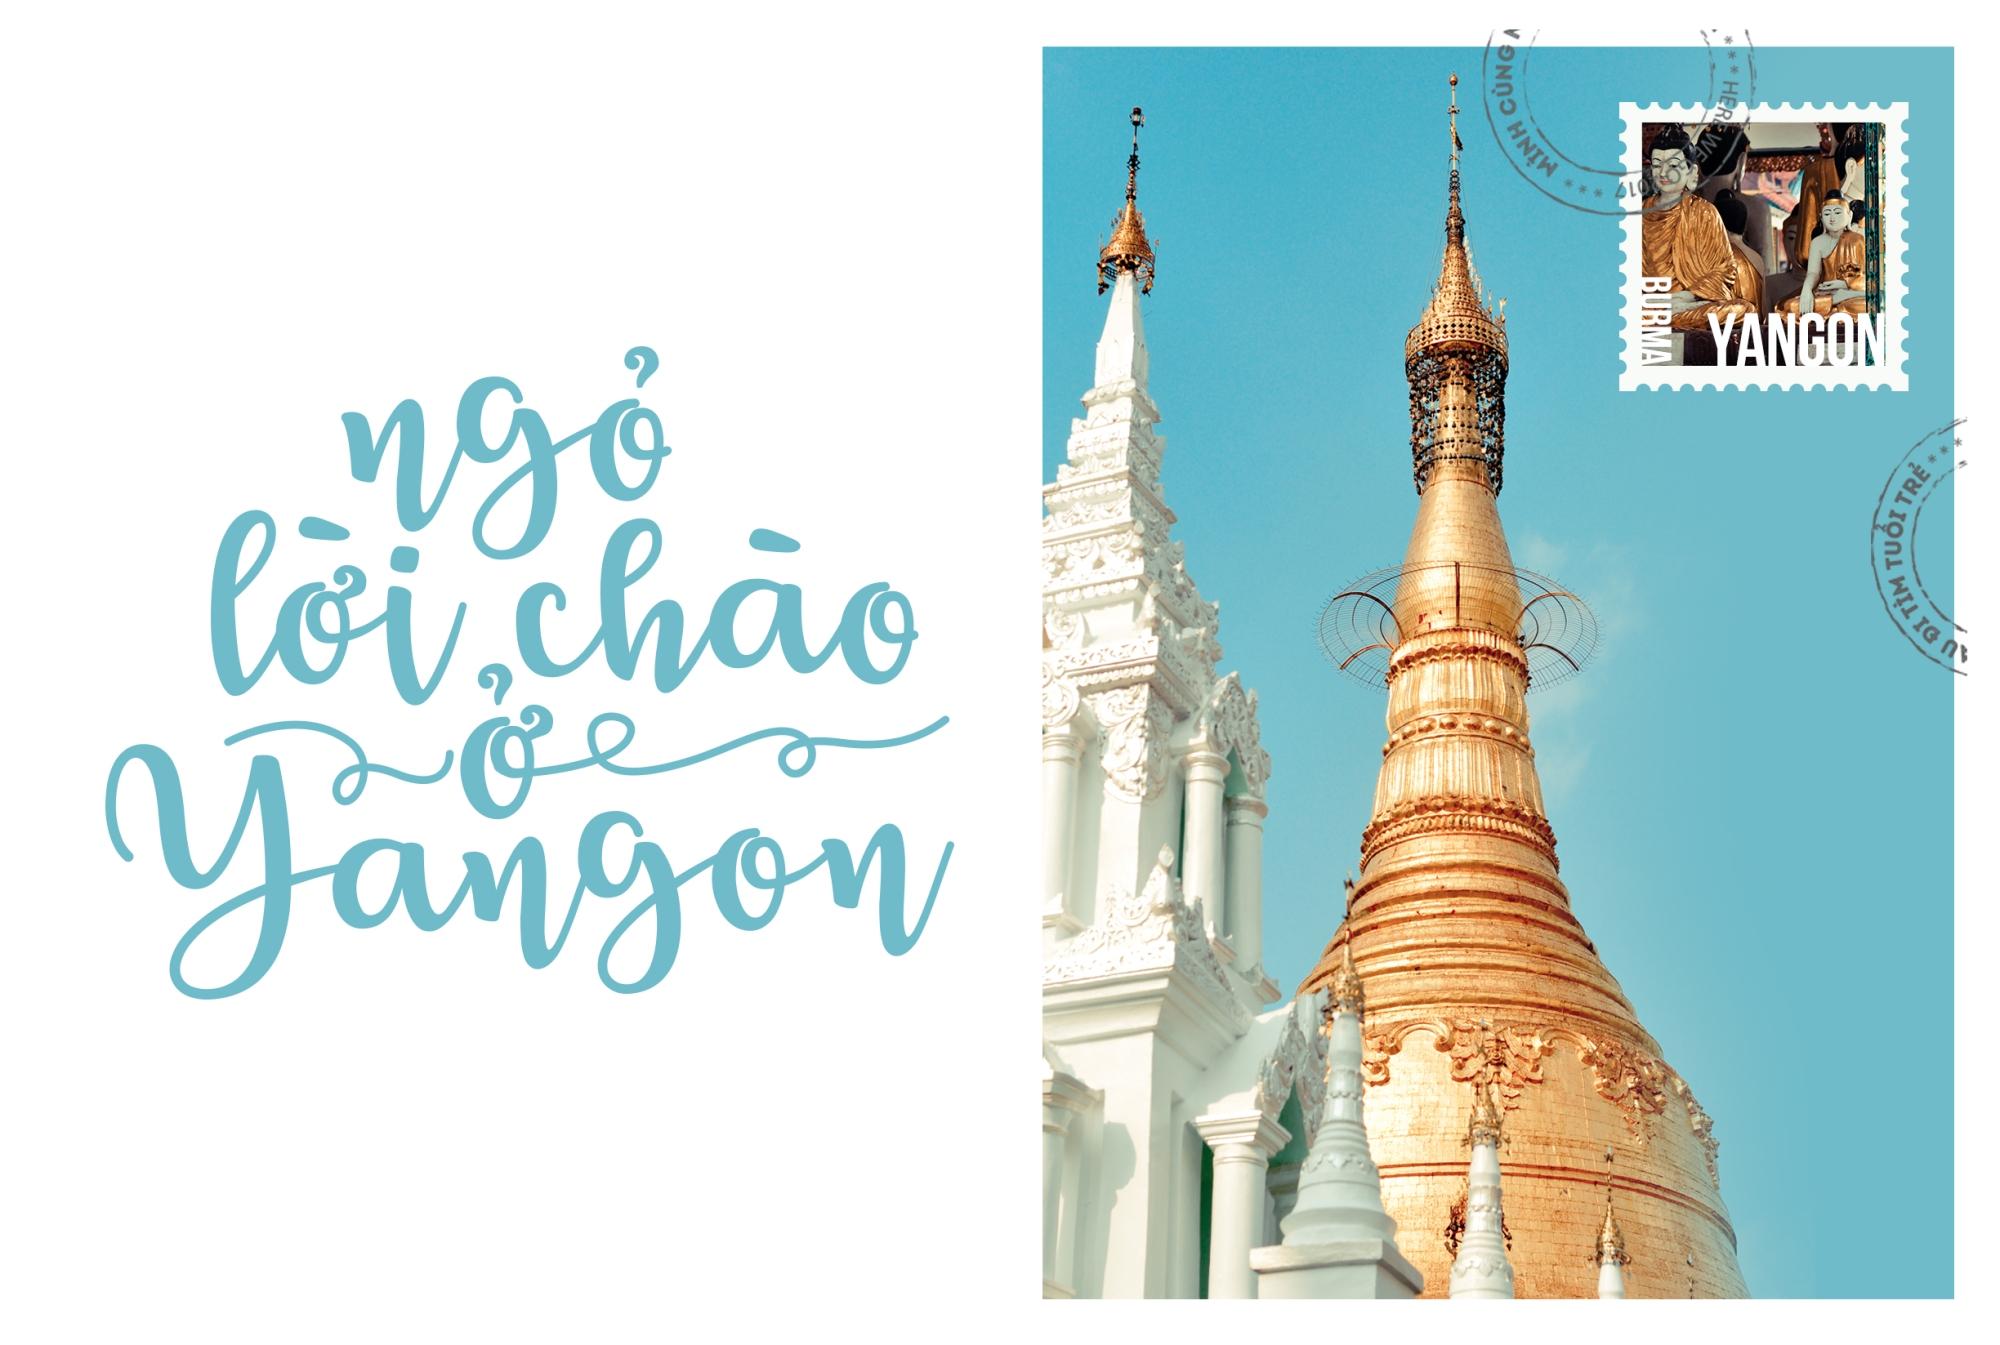 Ngo loi chao o Yangon 2